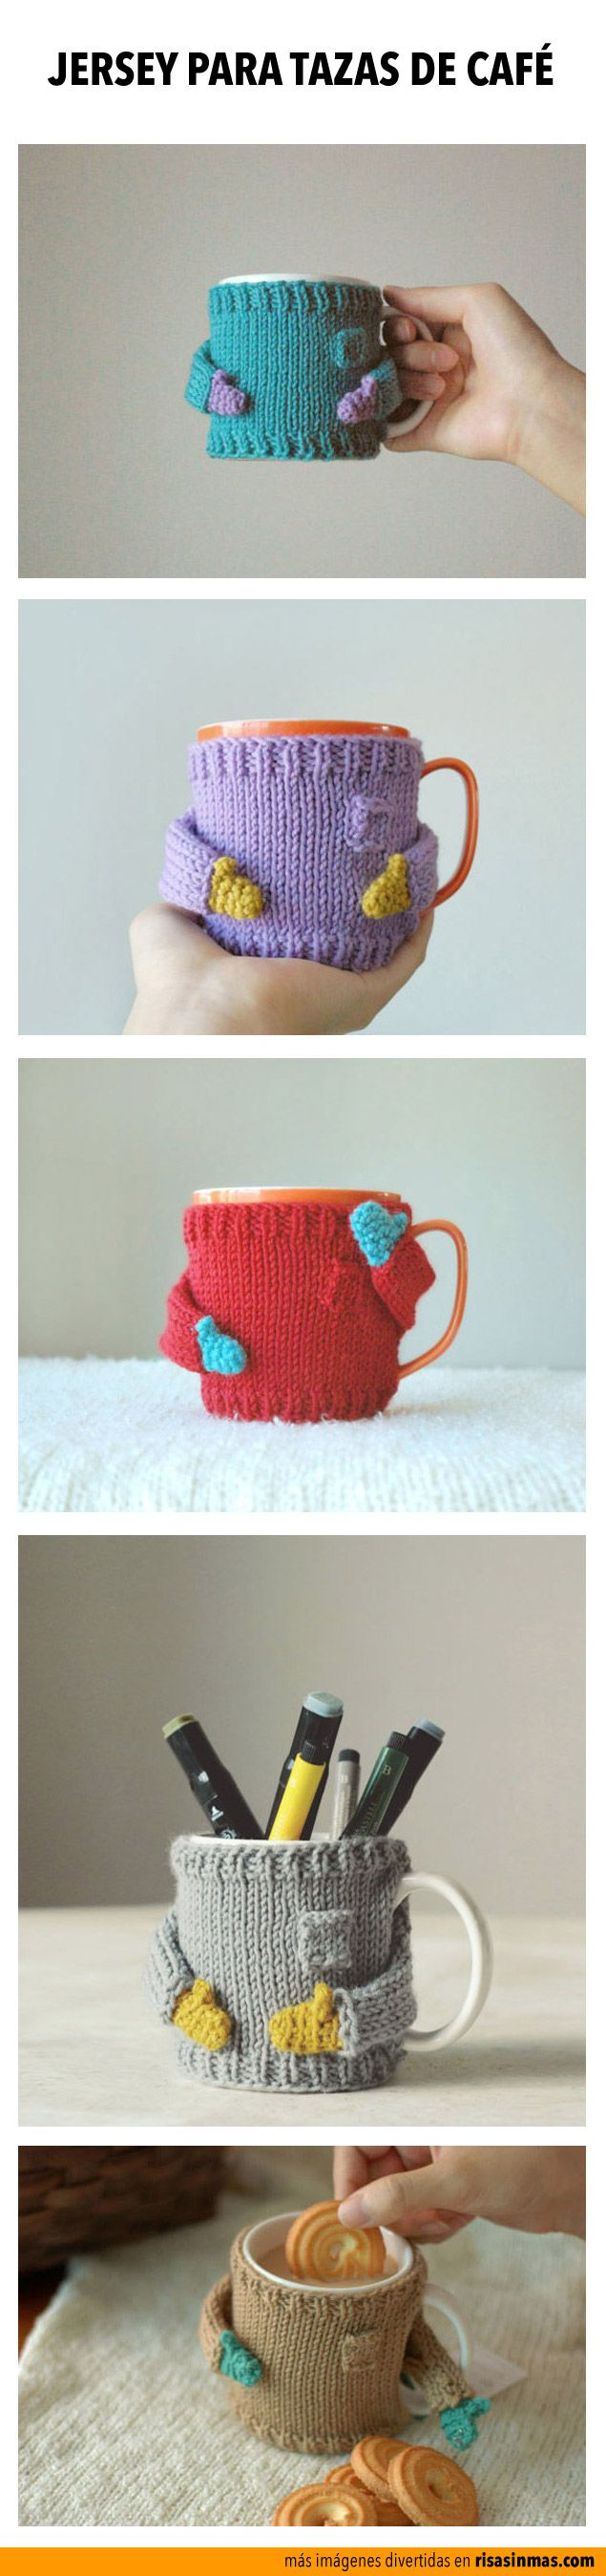 Ponle un jersey a tu taza de café.